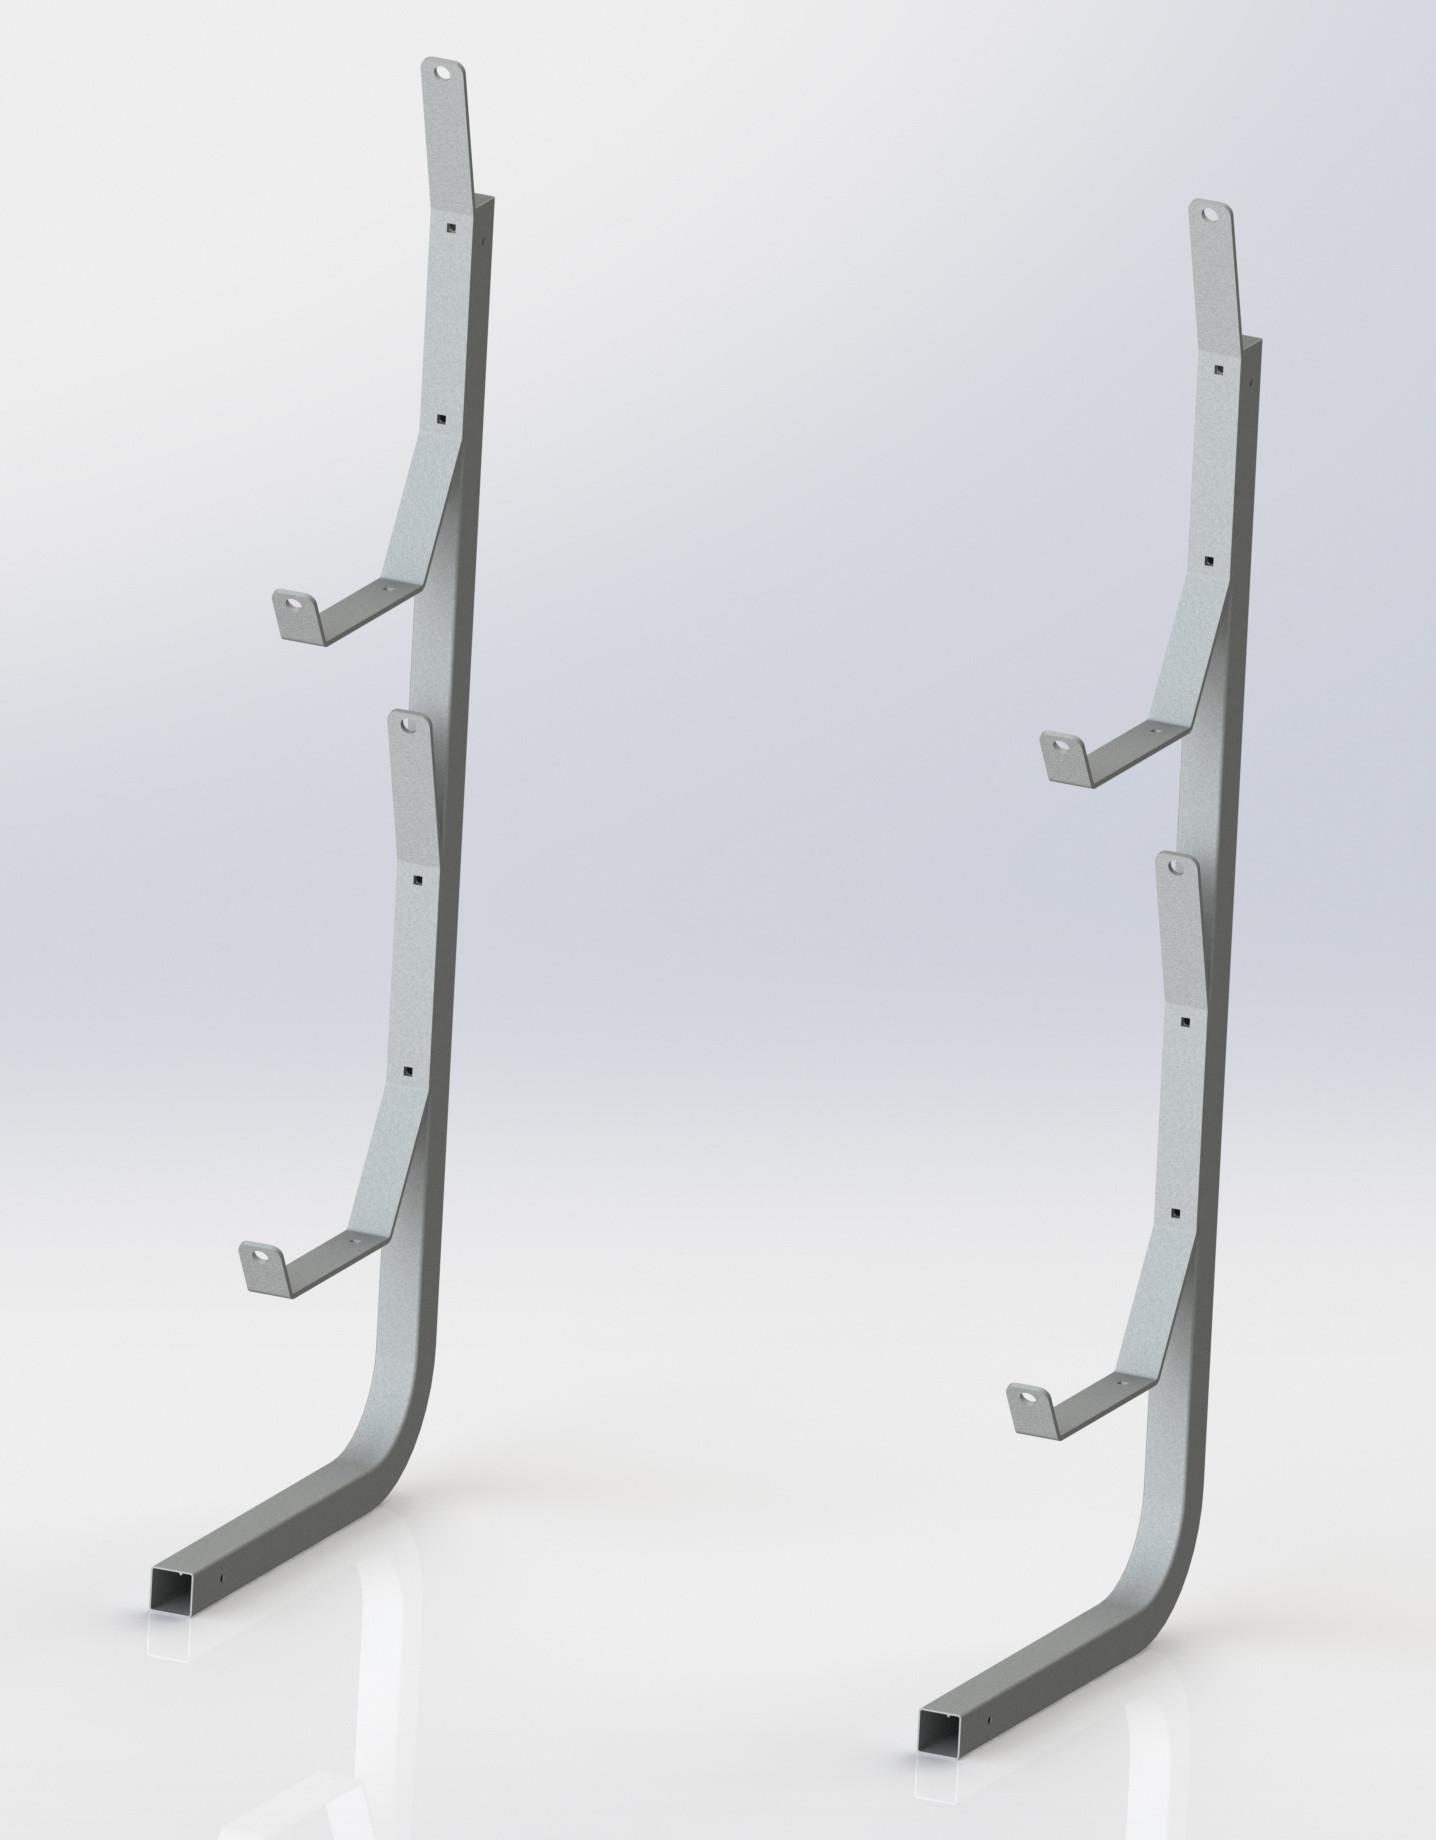 Best ideas about Vertical Kayak Storage . Save or Pin Vertical Kayak Rack Dock SidesDock Sides Now.